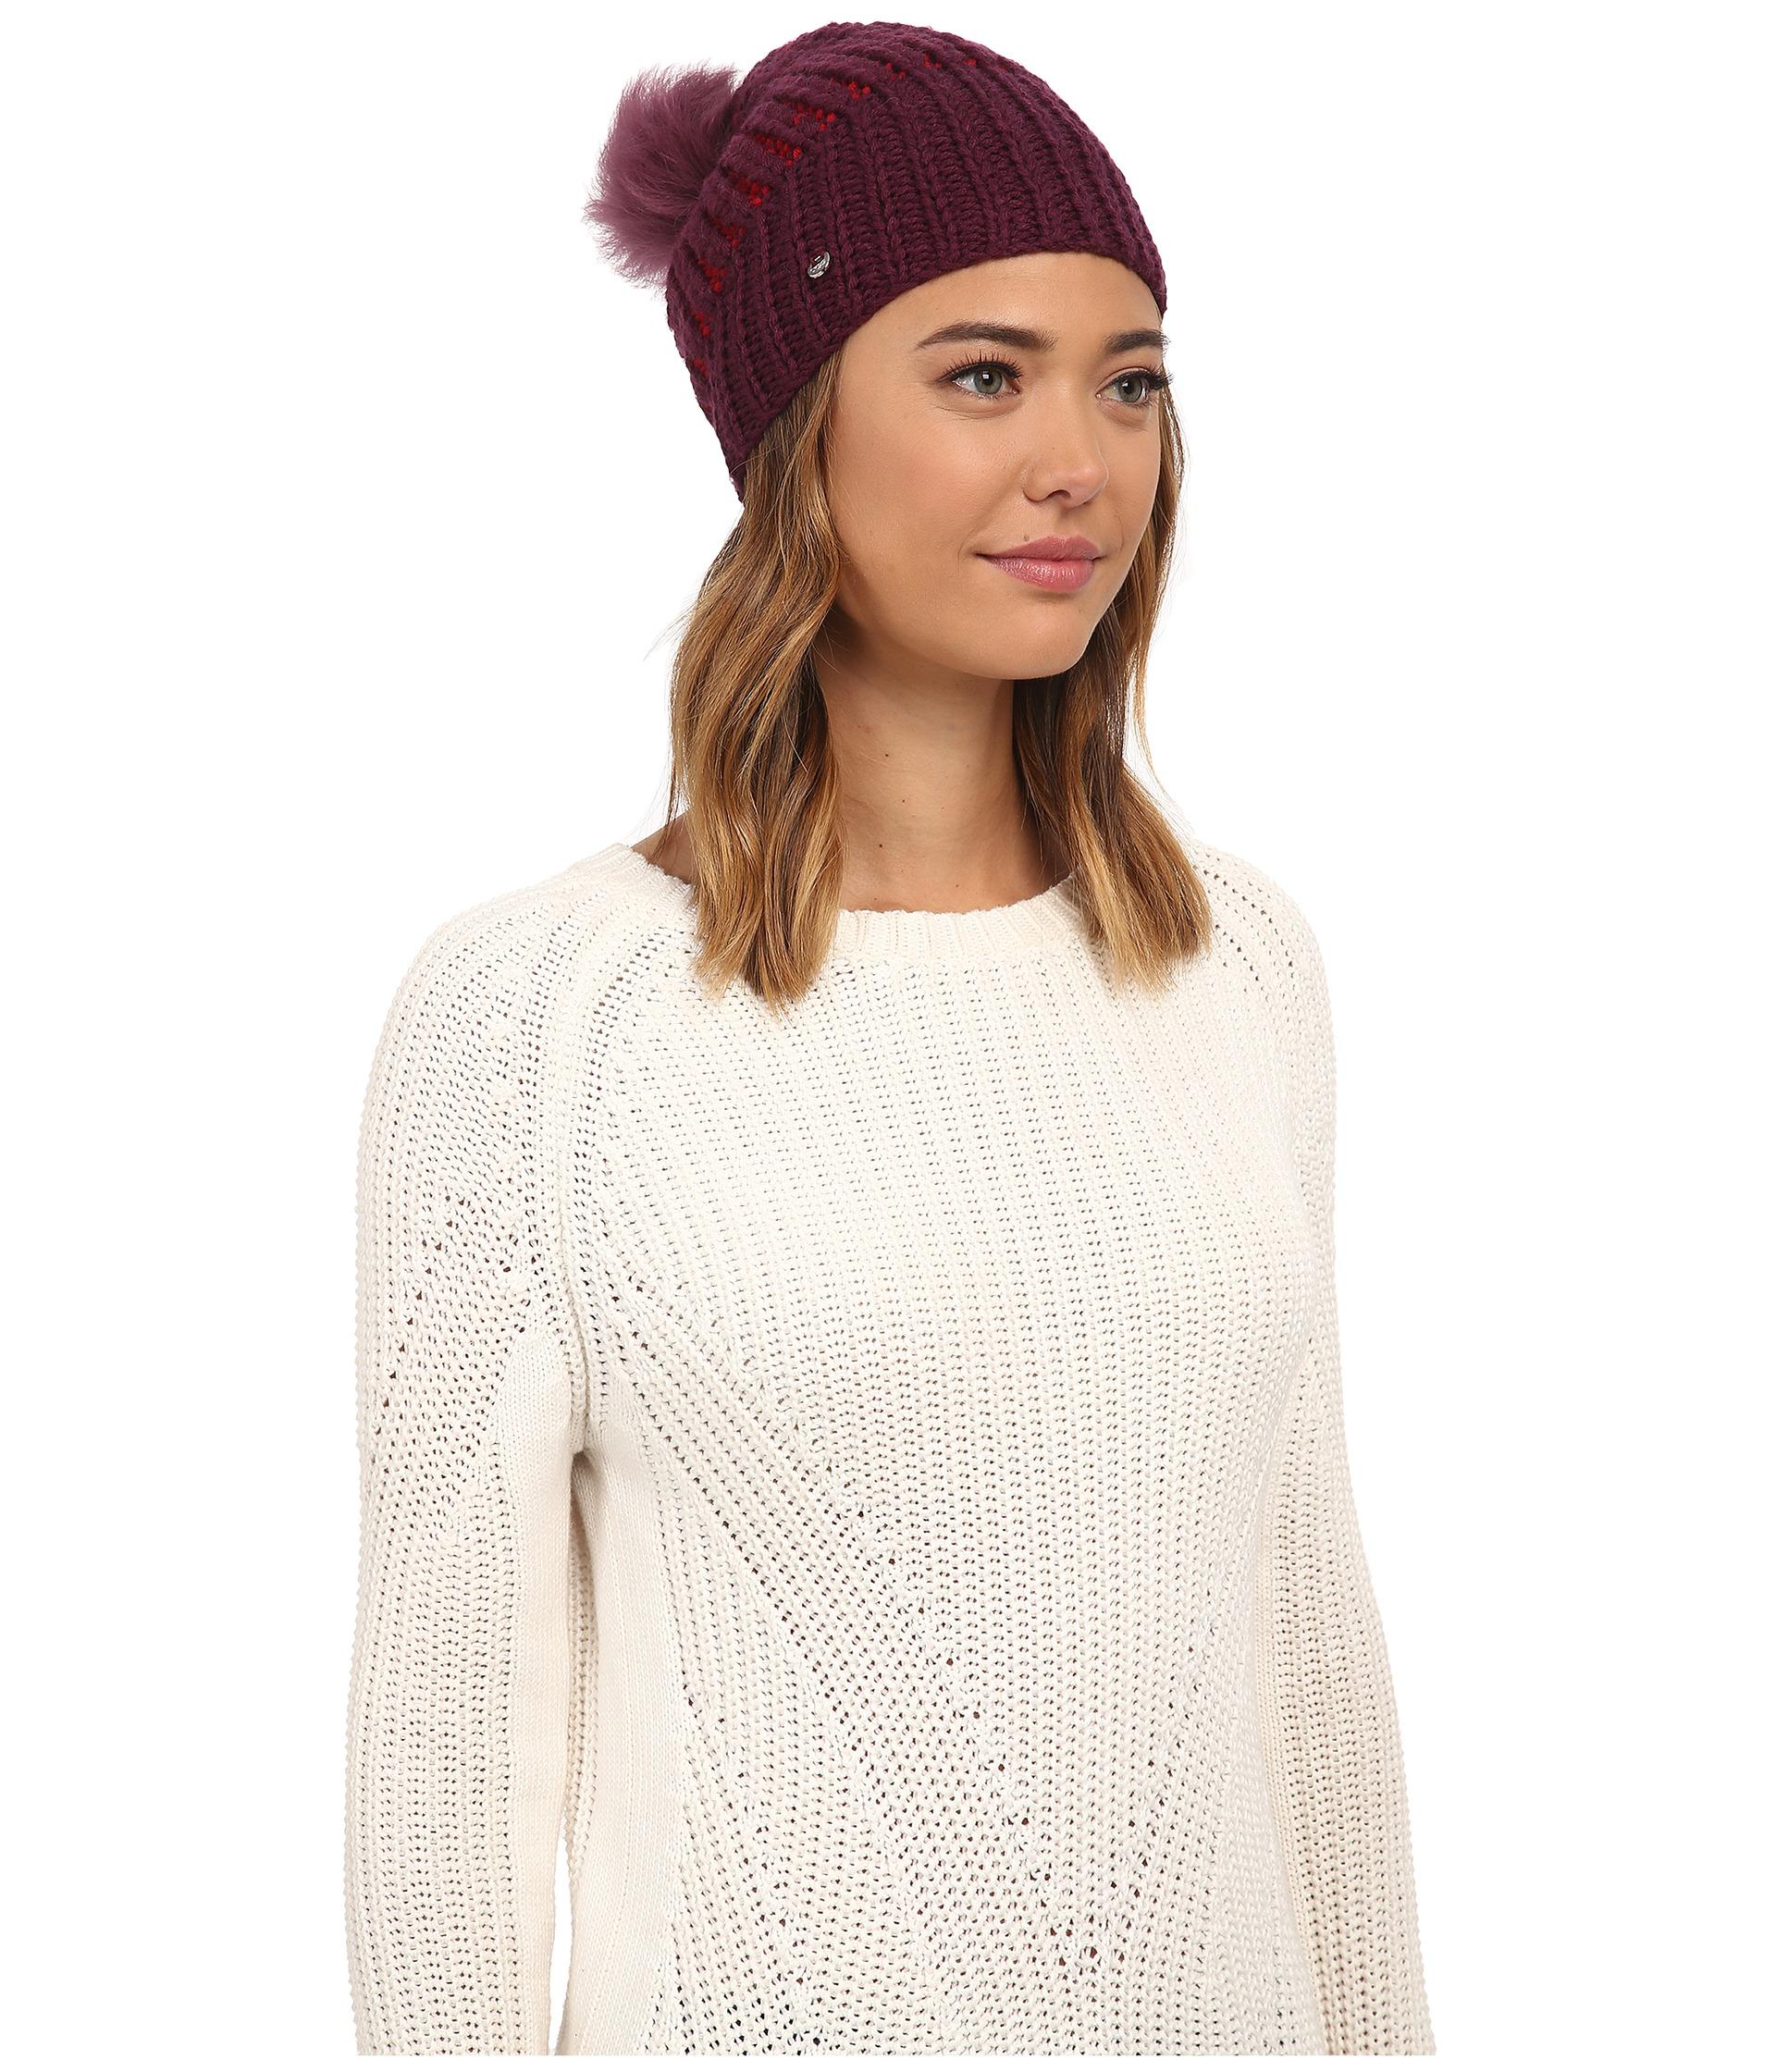 4b344b77627 Ugg Cardy Cuff Hat